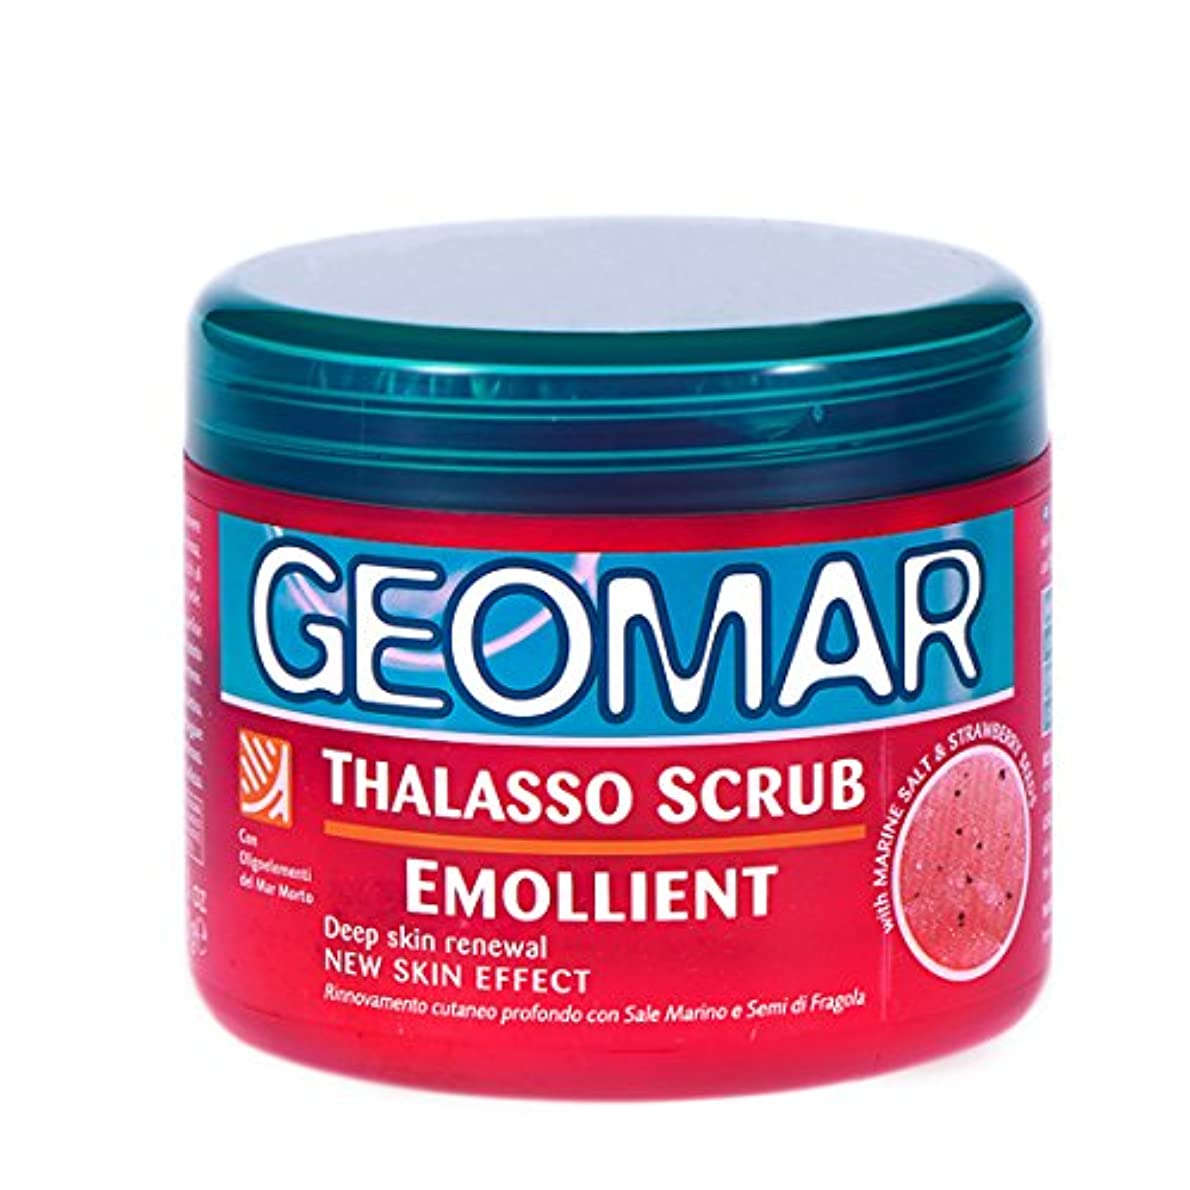 脊椎シソーラス口頭ジェオマール タラソスクラブ エモリエン #ストロベリー 600g(並行輸入品)